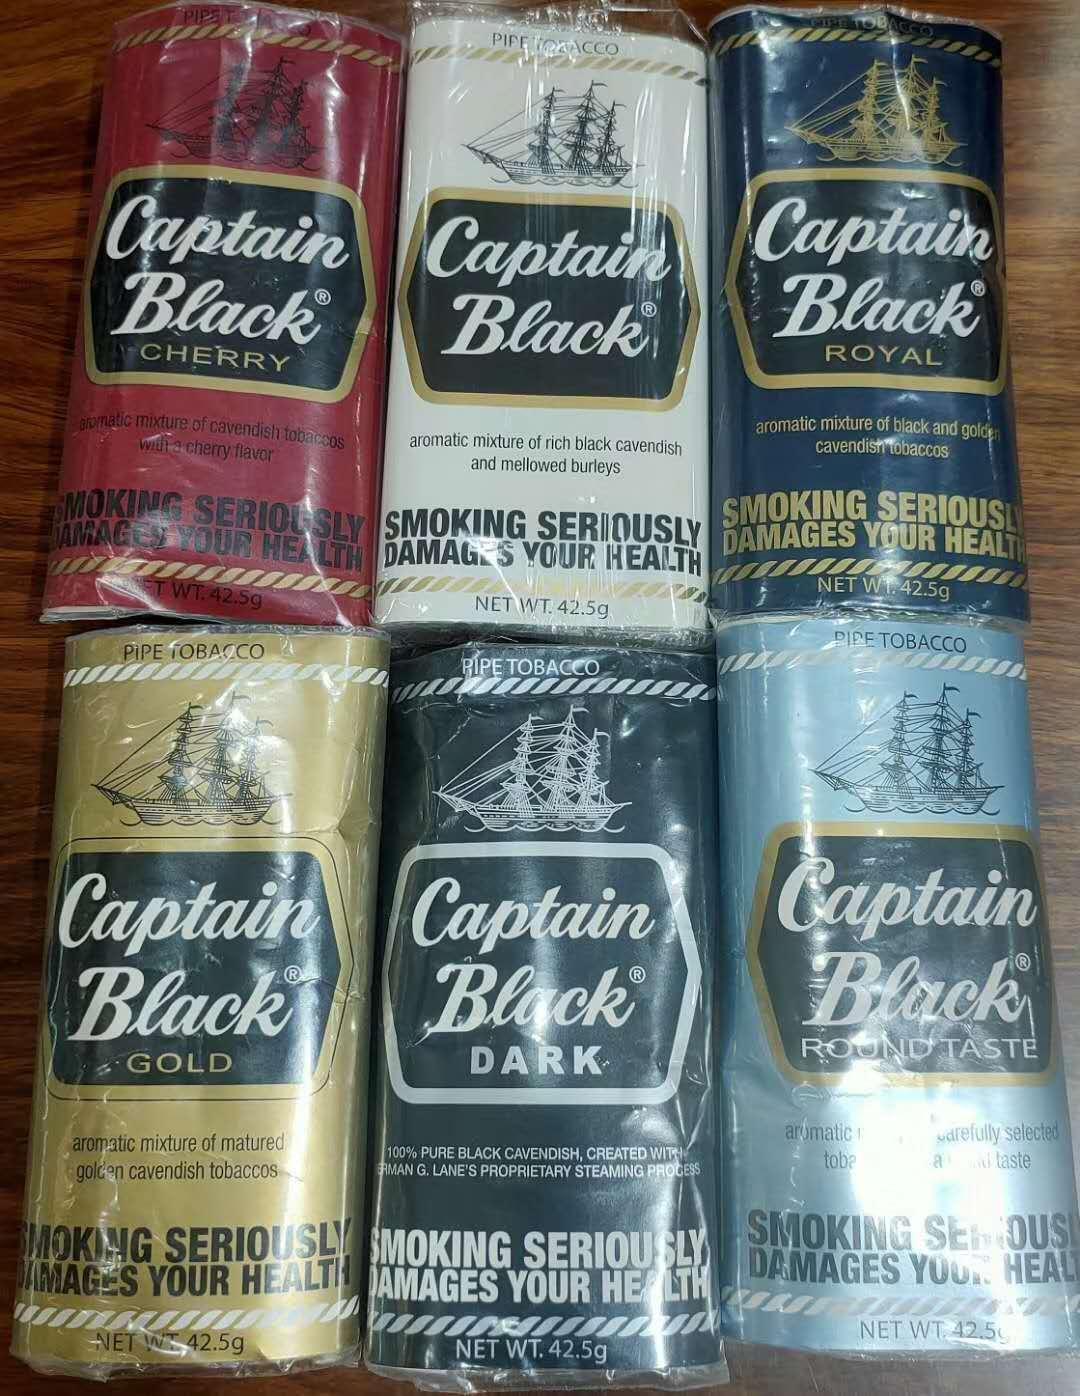 老船长烟丝官网Captain Black  老船长烟丝都有什么味道